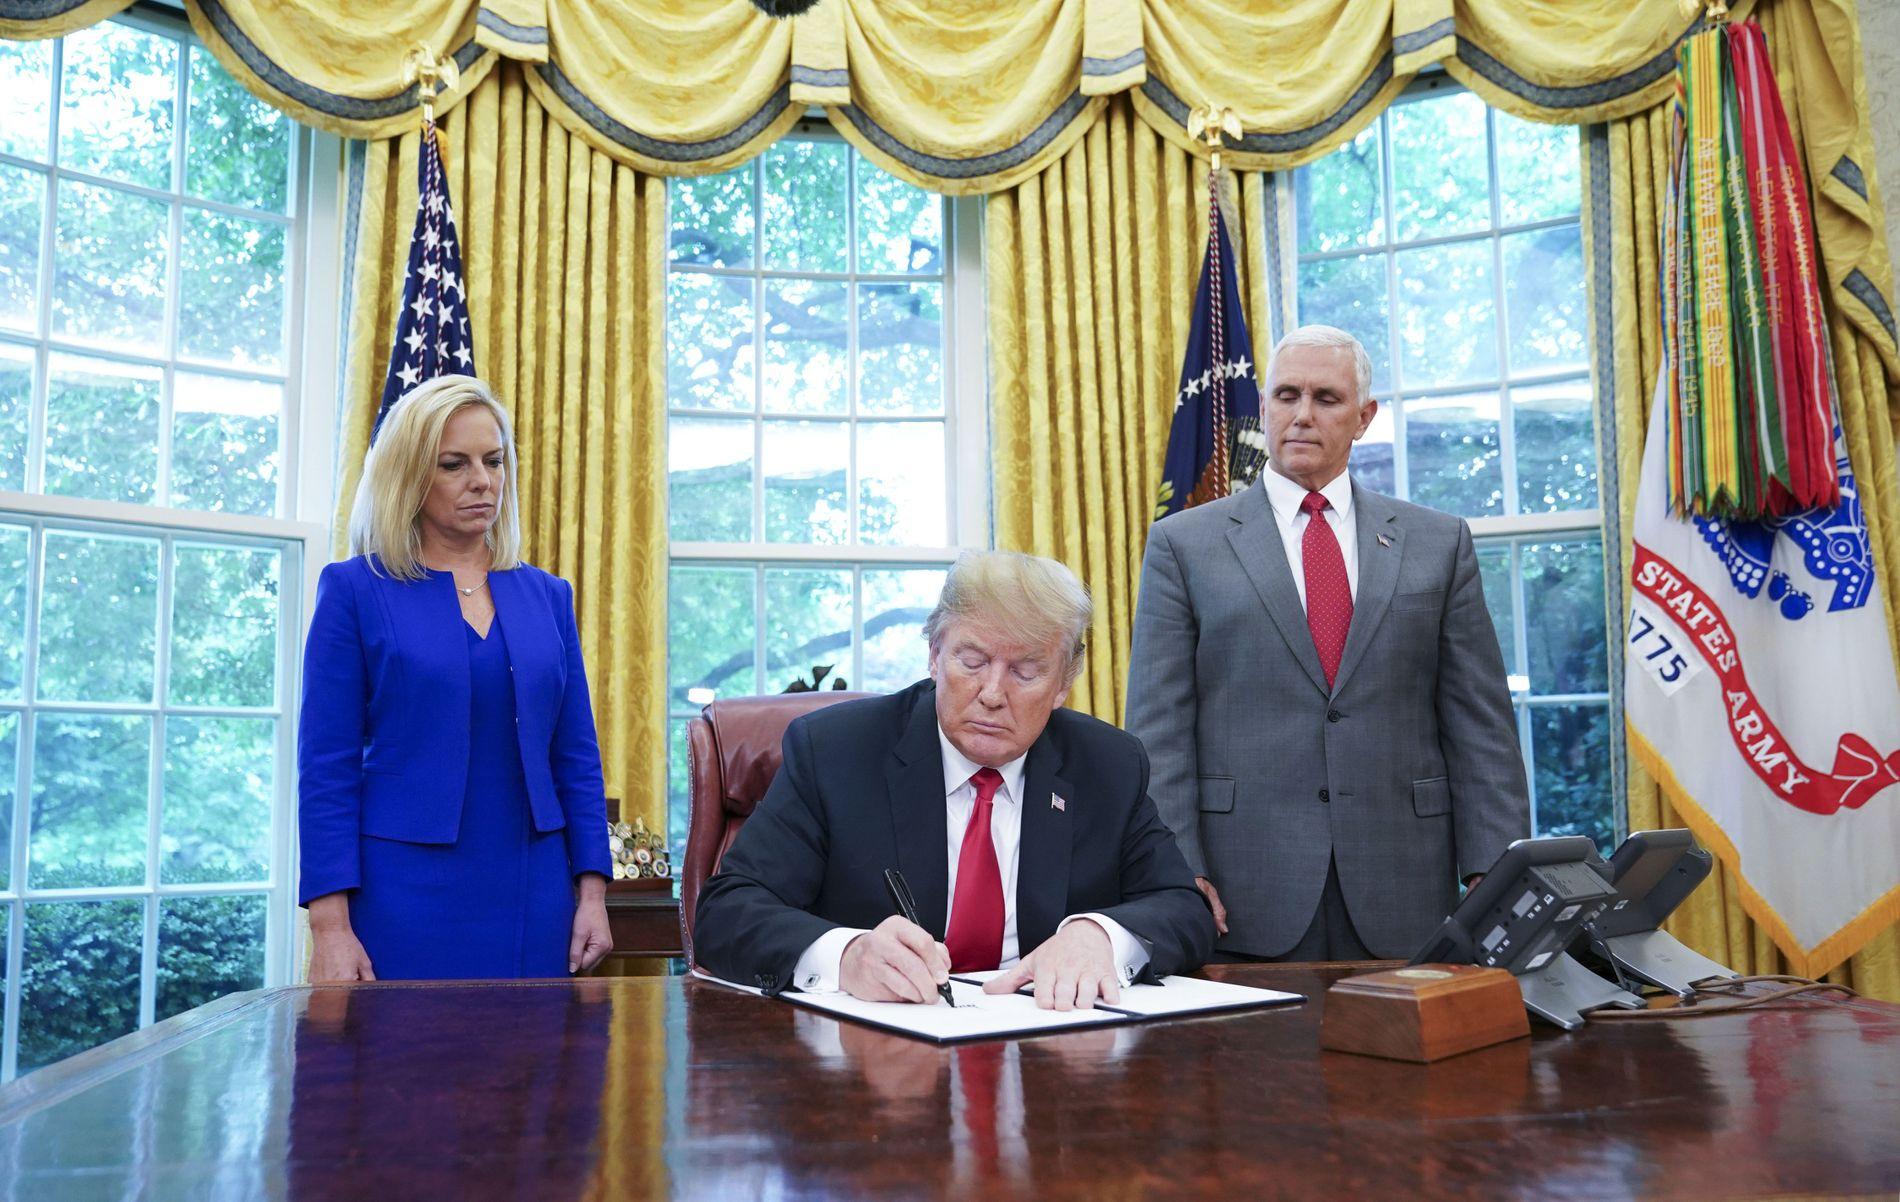 UNDERTEGNER: USAs president Donald Trump signerer et direktiv som stanser oppsplittingen av familier som har krysset grensen ulovlig. Til hans venstre står Kristjen Nielsen, sjef for innenslands sikkerhet, til hans høyre står visepresident Mike Pence.